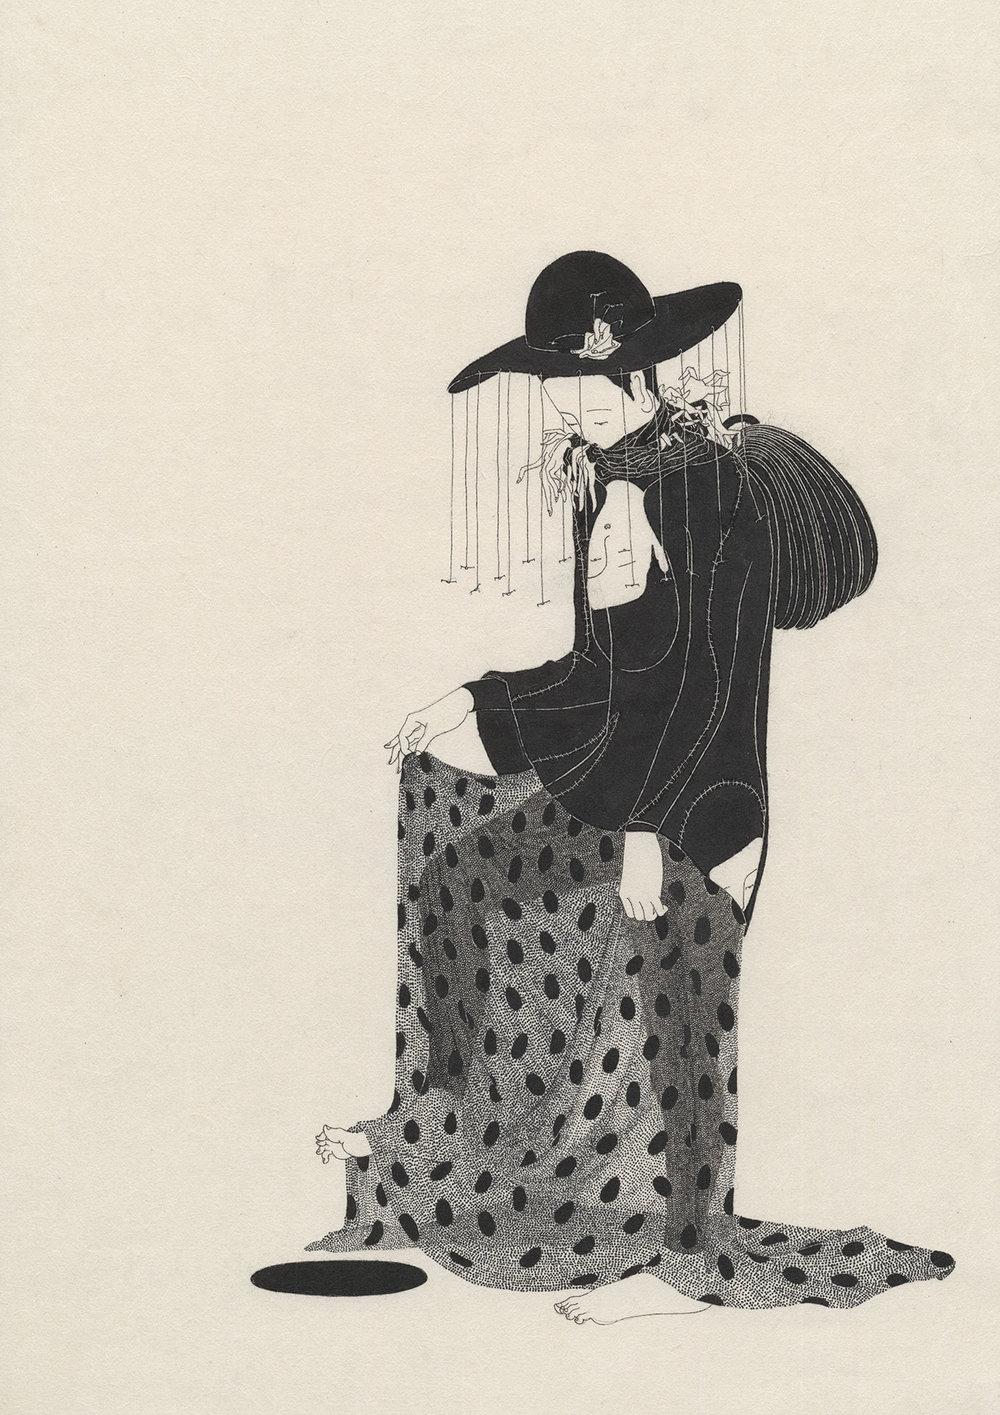 너 나부랭이 / You wore you Op.0089P -36 x 74 cm,한지에 먹 / Korean ink on Korean paper, 2014